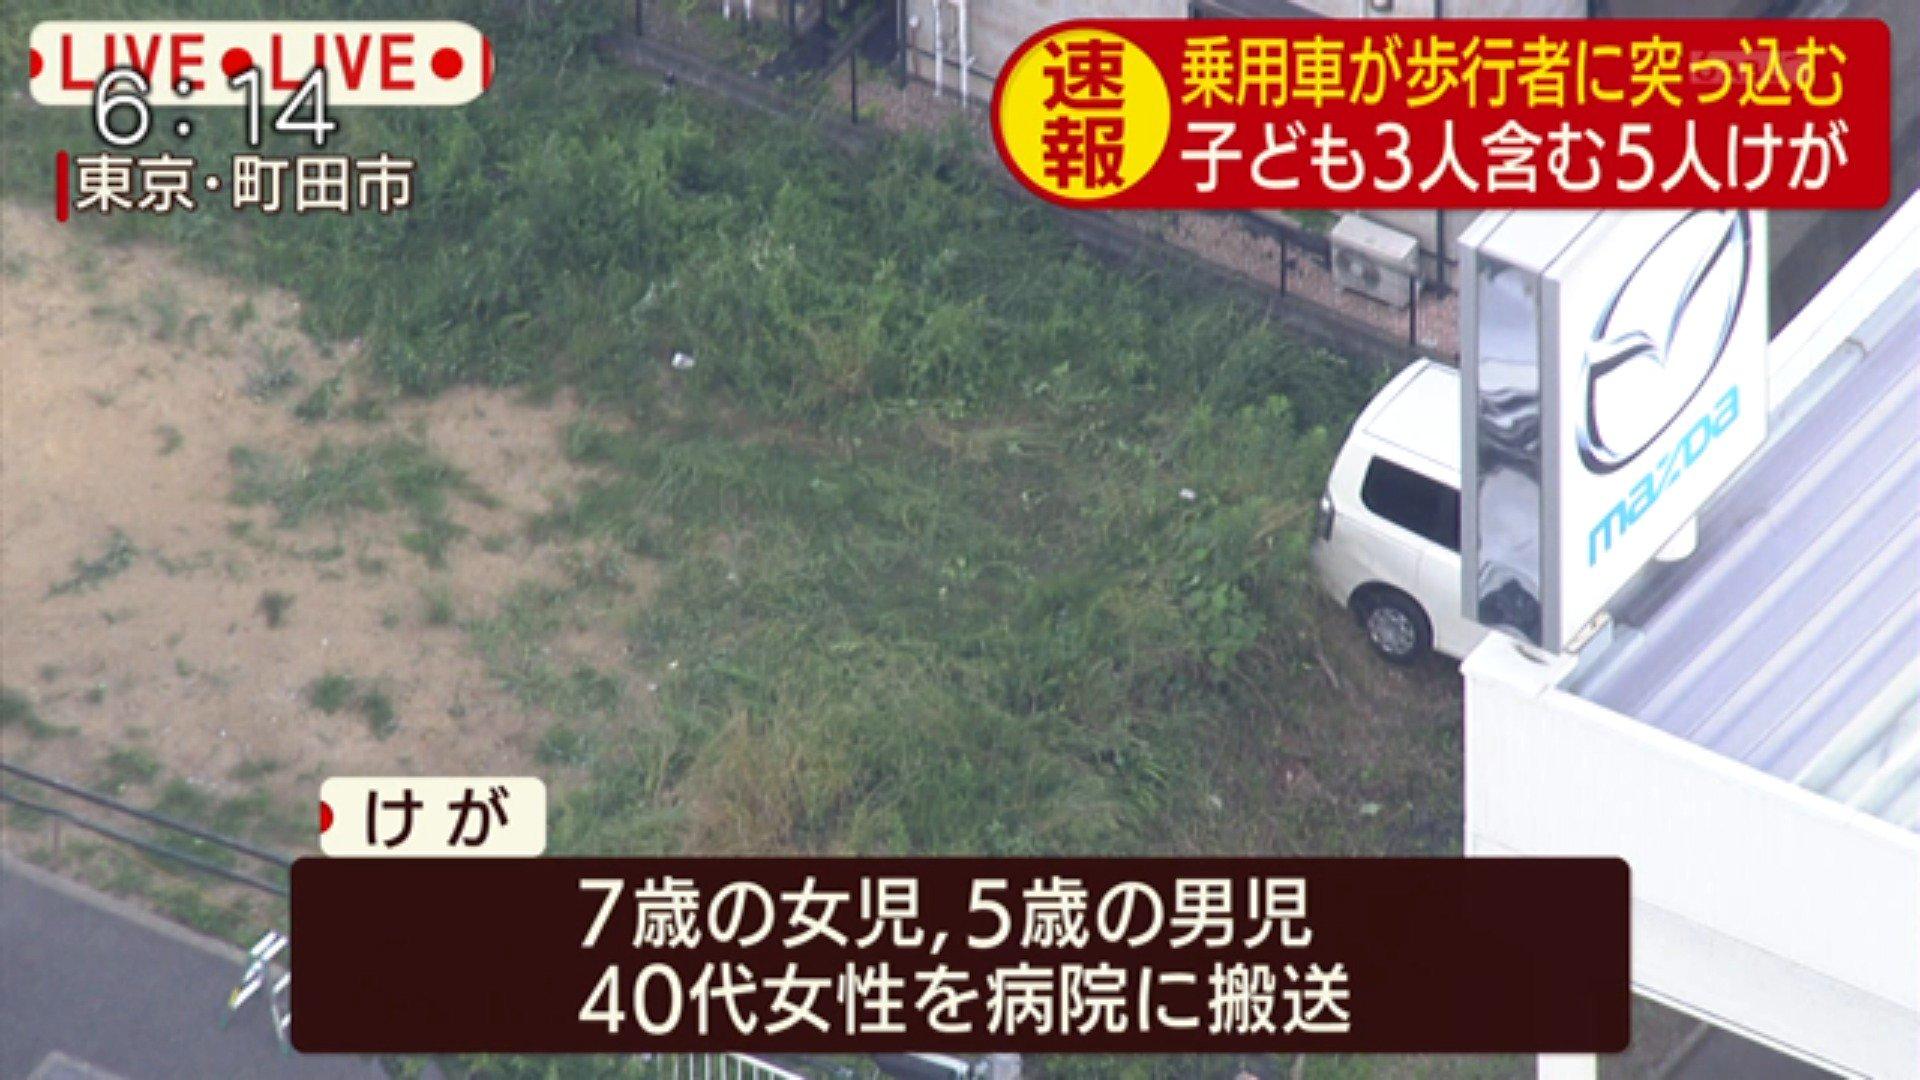 画像,町田市大蔵町で60代の女性が運転する乗用車が歩行者に突っ込む https://t.co/bz7gyDuxjU。